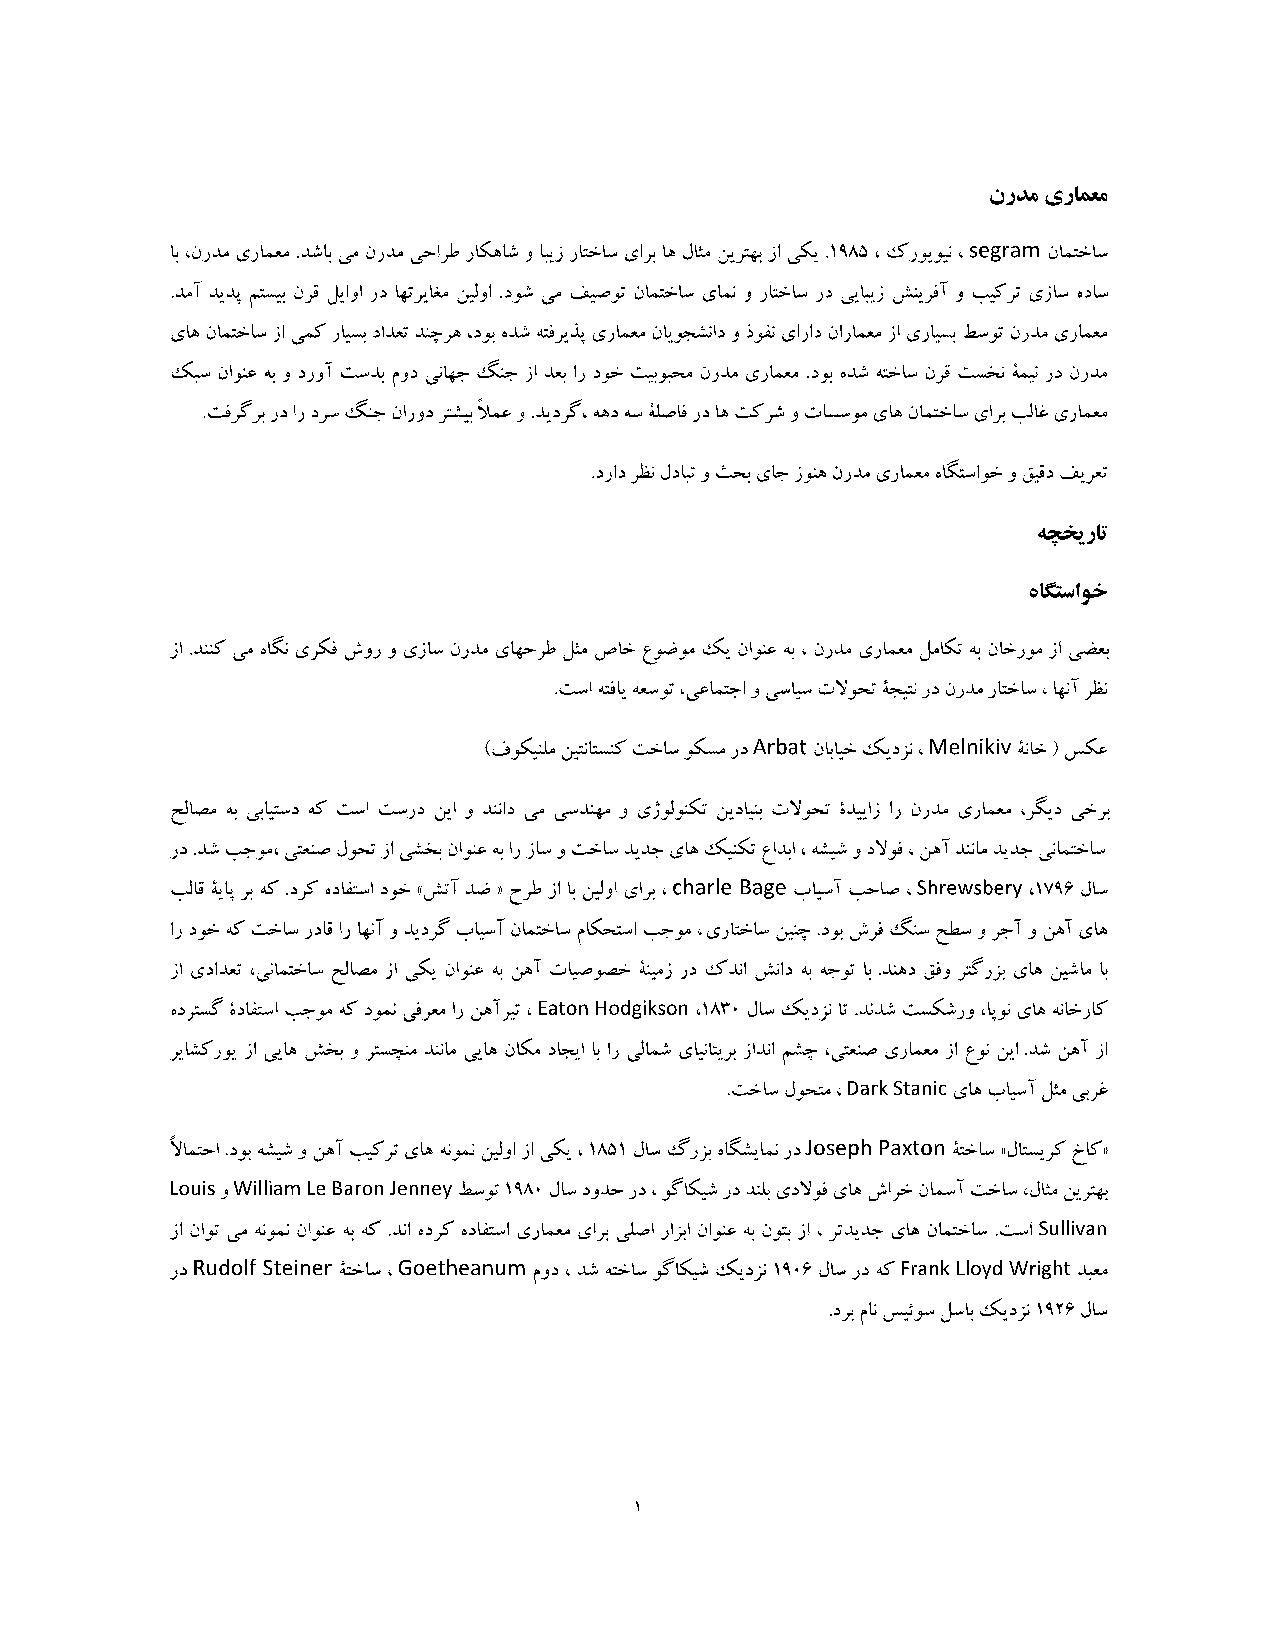 ترجمه مقاله و تحقیق - معماری مدرن11